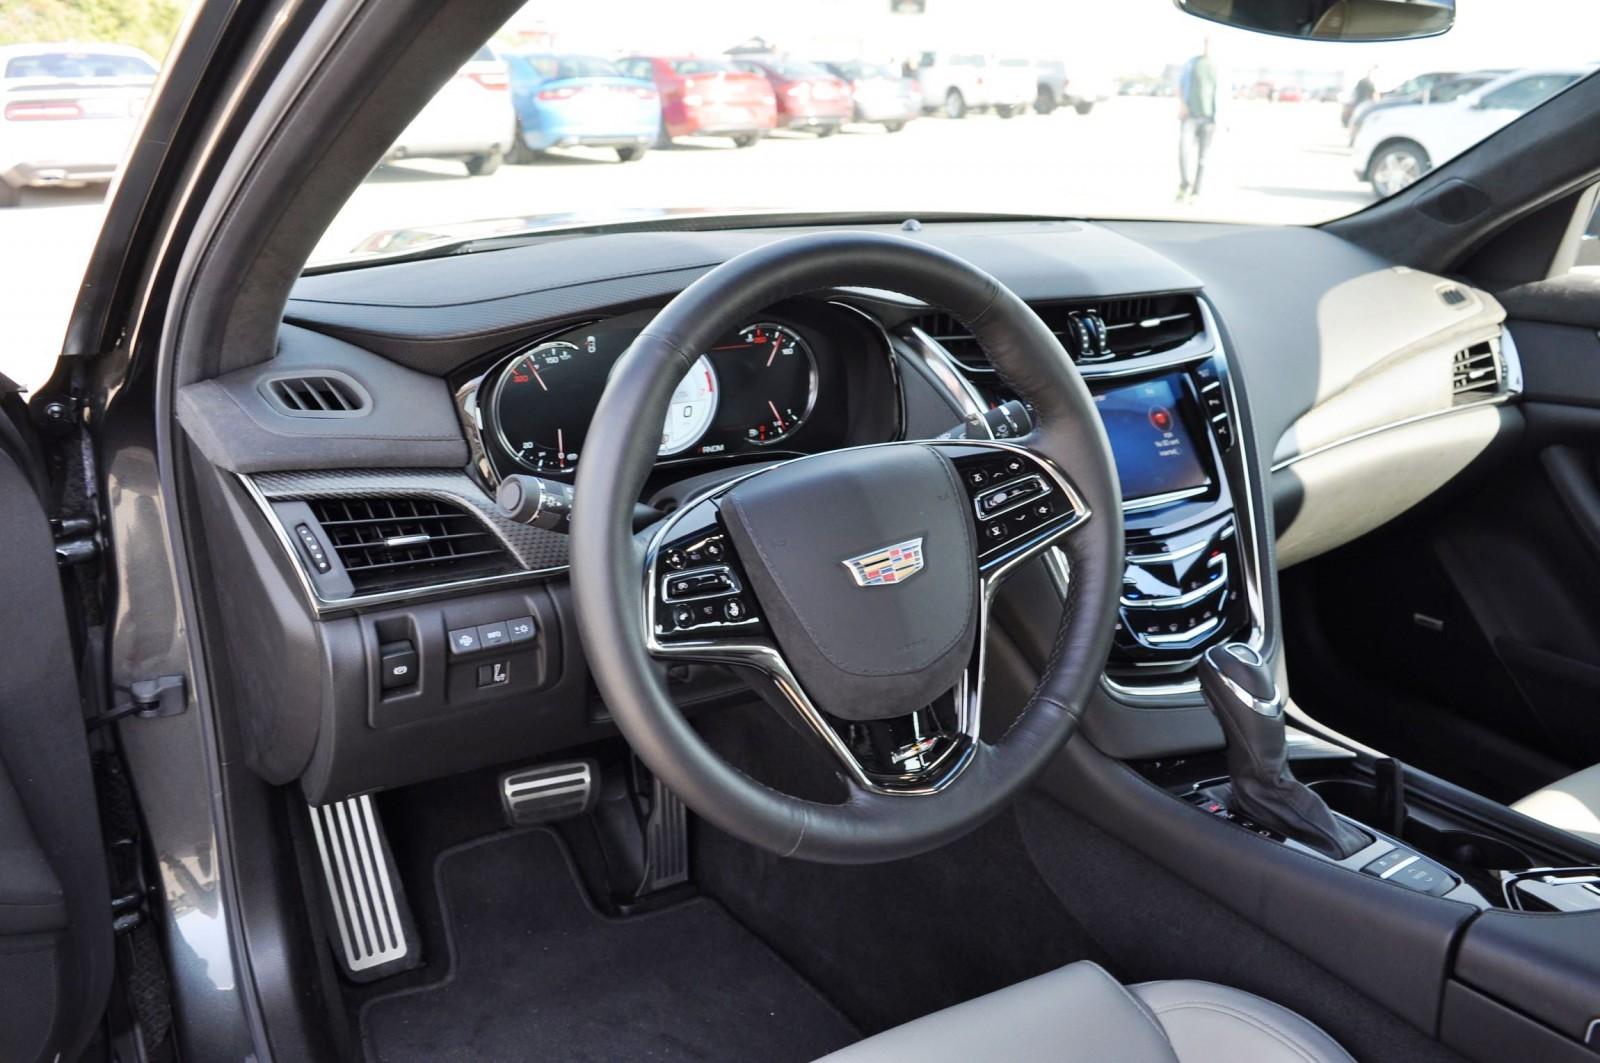 2016 Cadillac Cts V Review